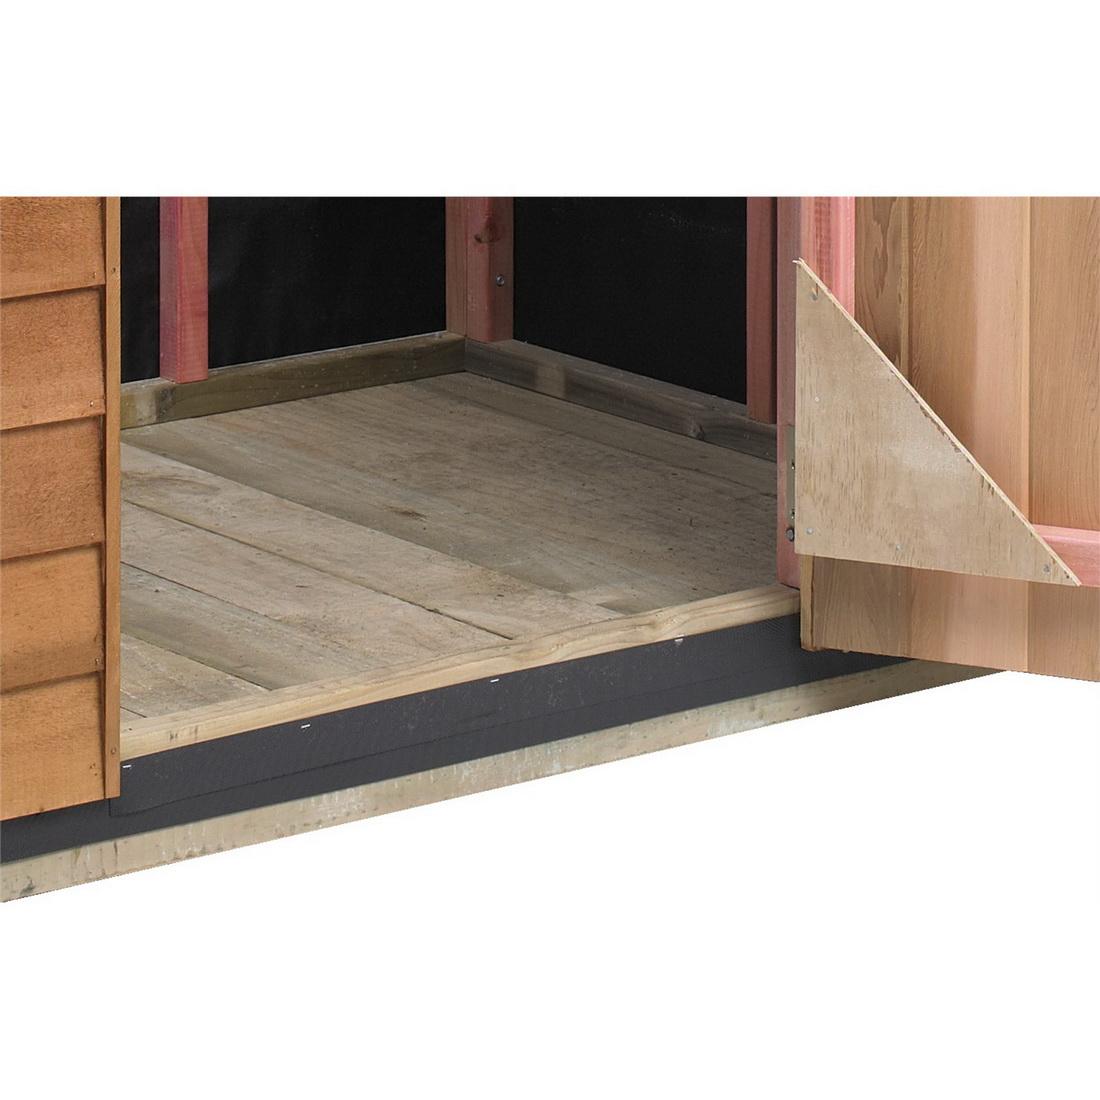 Bentley Garden Shed Timber Floor Kit